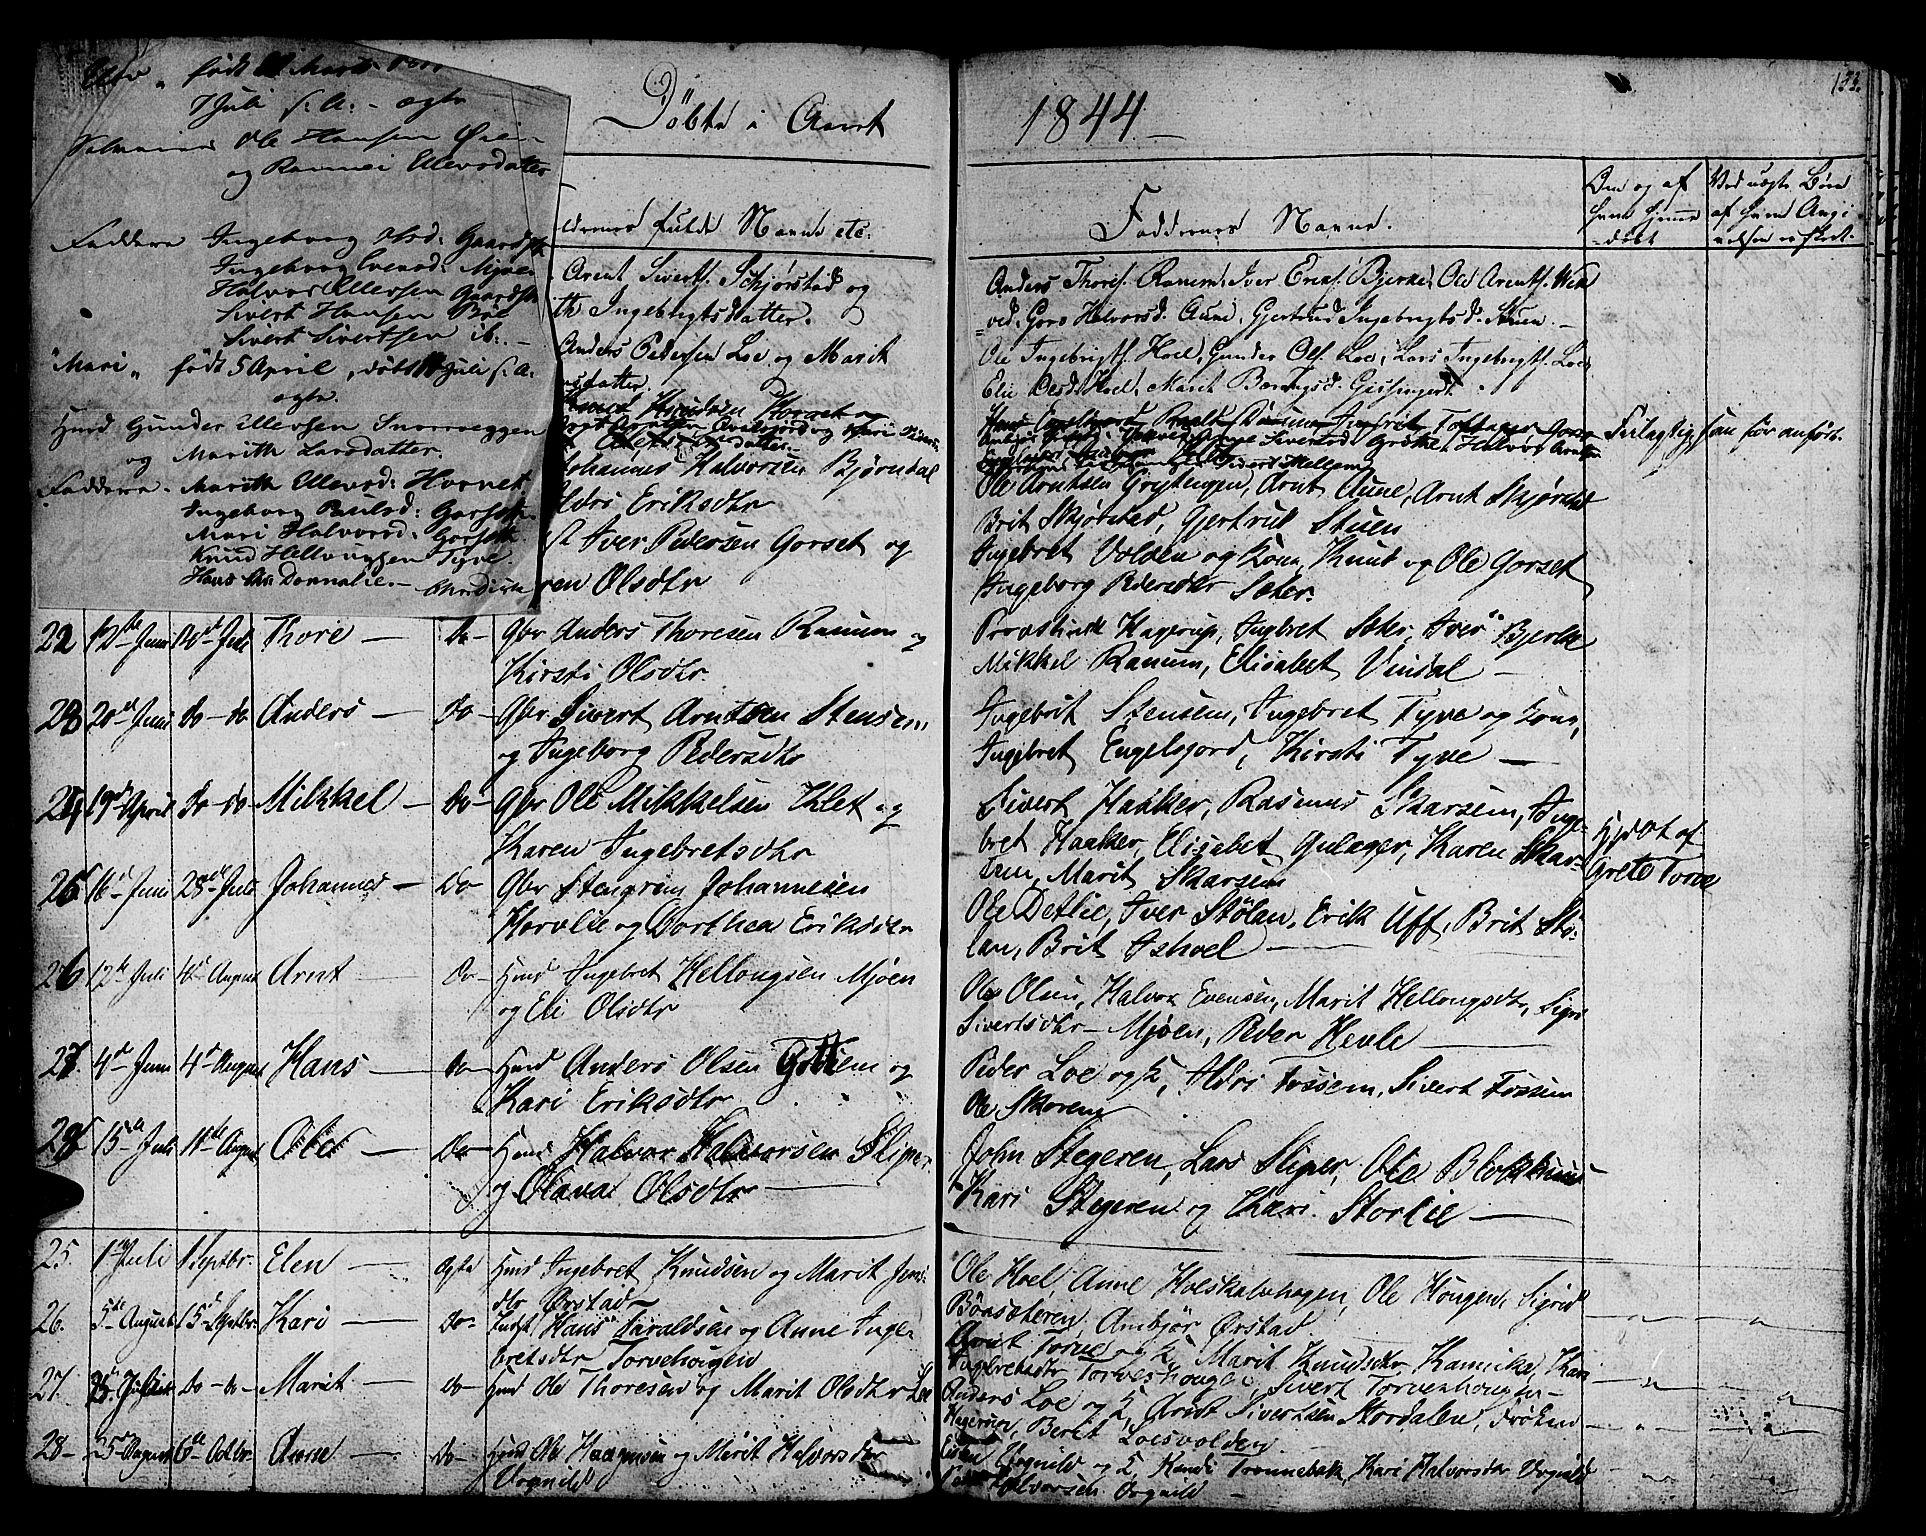 SAT, Ministerialprotokoller, klokkerbøker og fødselsregistre - Sør-Trøndelag, 678/L0897: Ministerialbok nr. 678A06-07, 1821-1847, s. 153